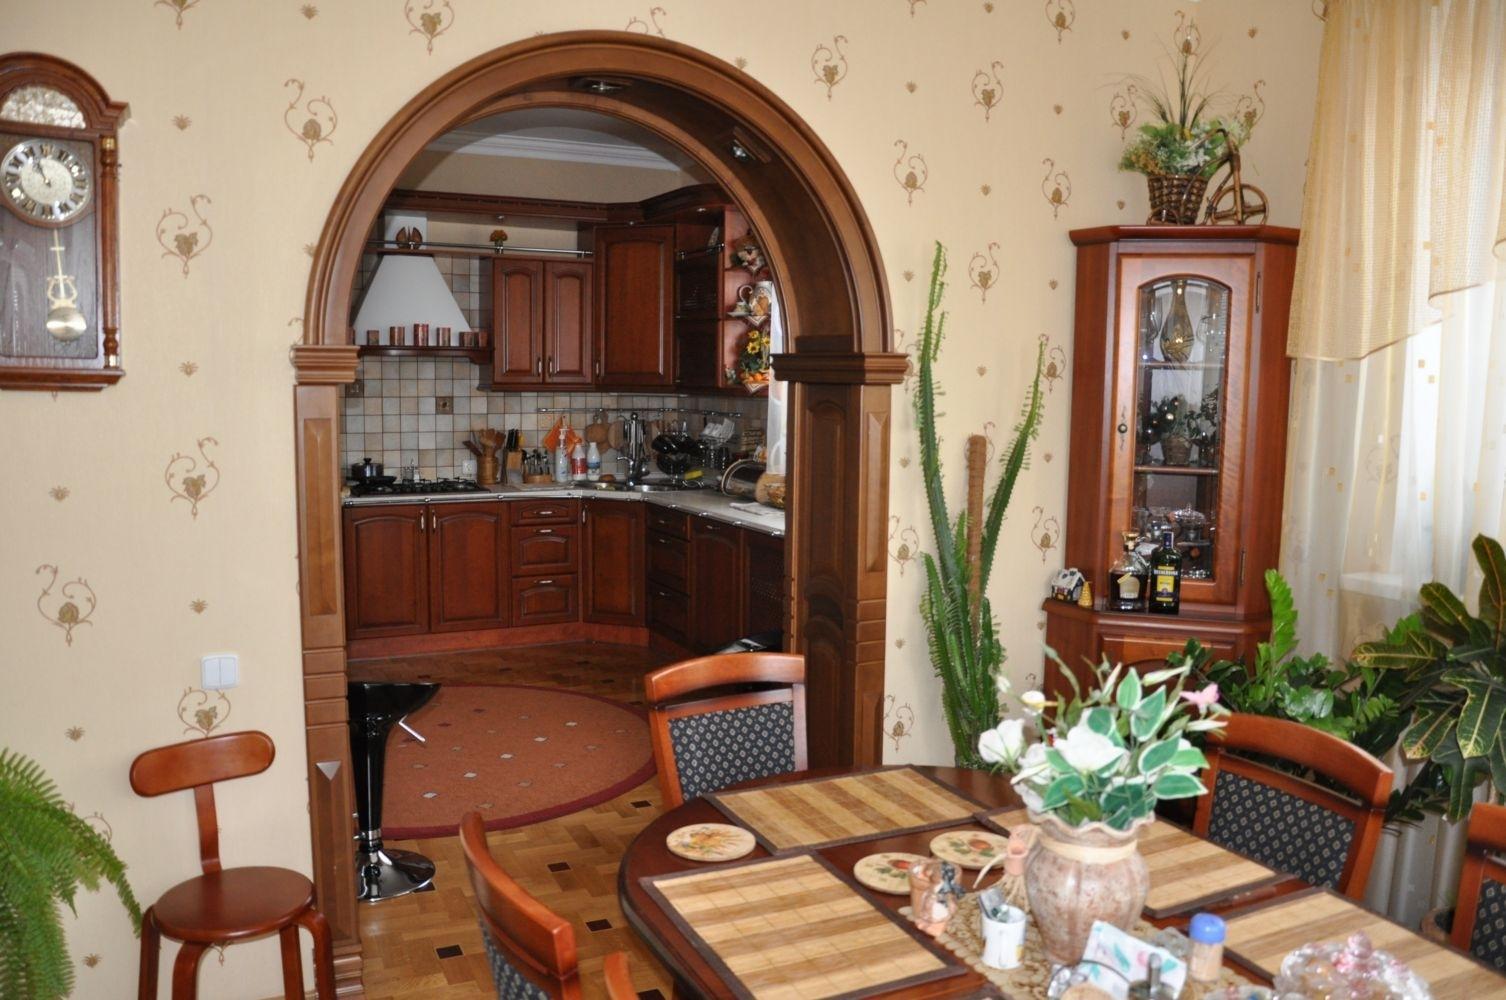 легенде местных арка с комнаты на кухню фото экране смартфона андроиде